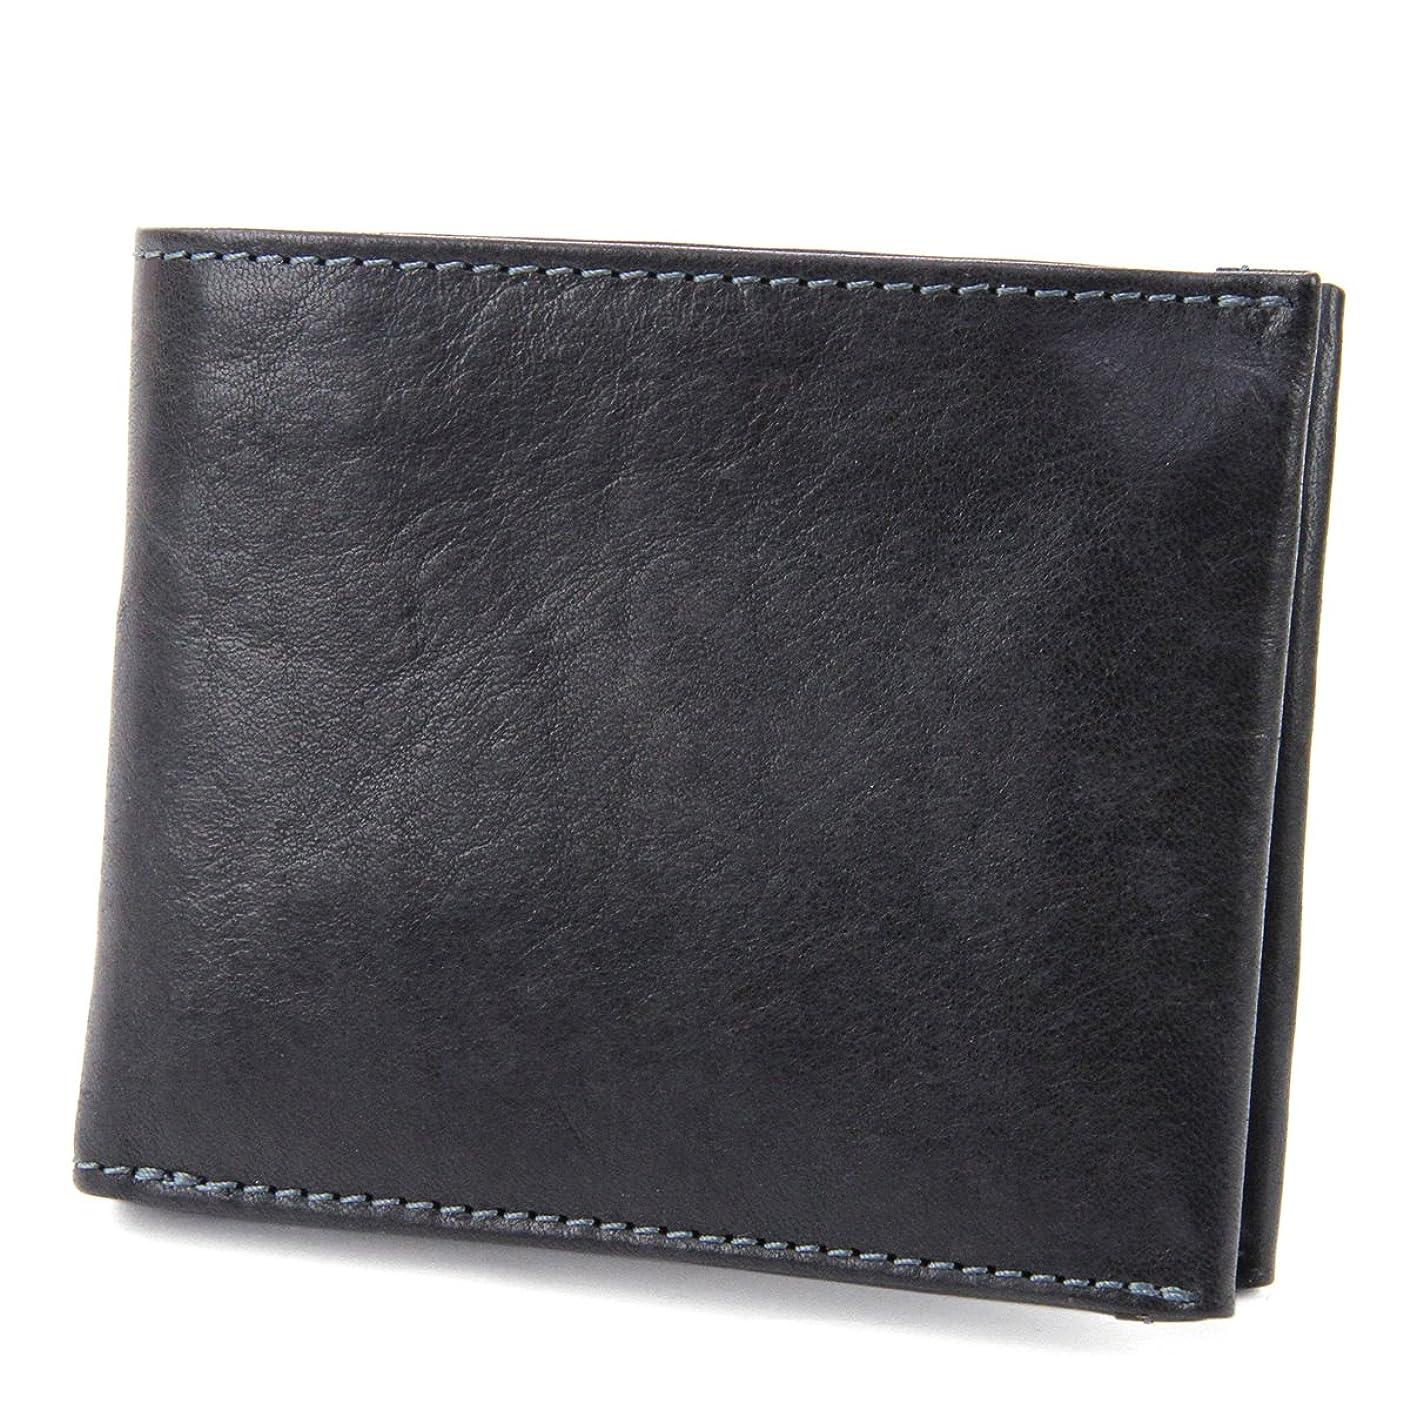 解決する私華氏ダコタブラックレーベル 二つ折り財布 本革 ガウディ 0626800 メンズ